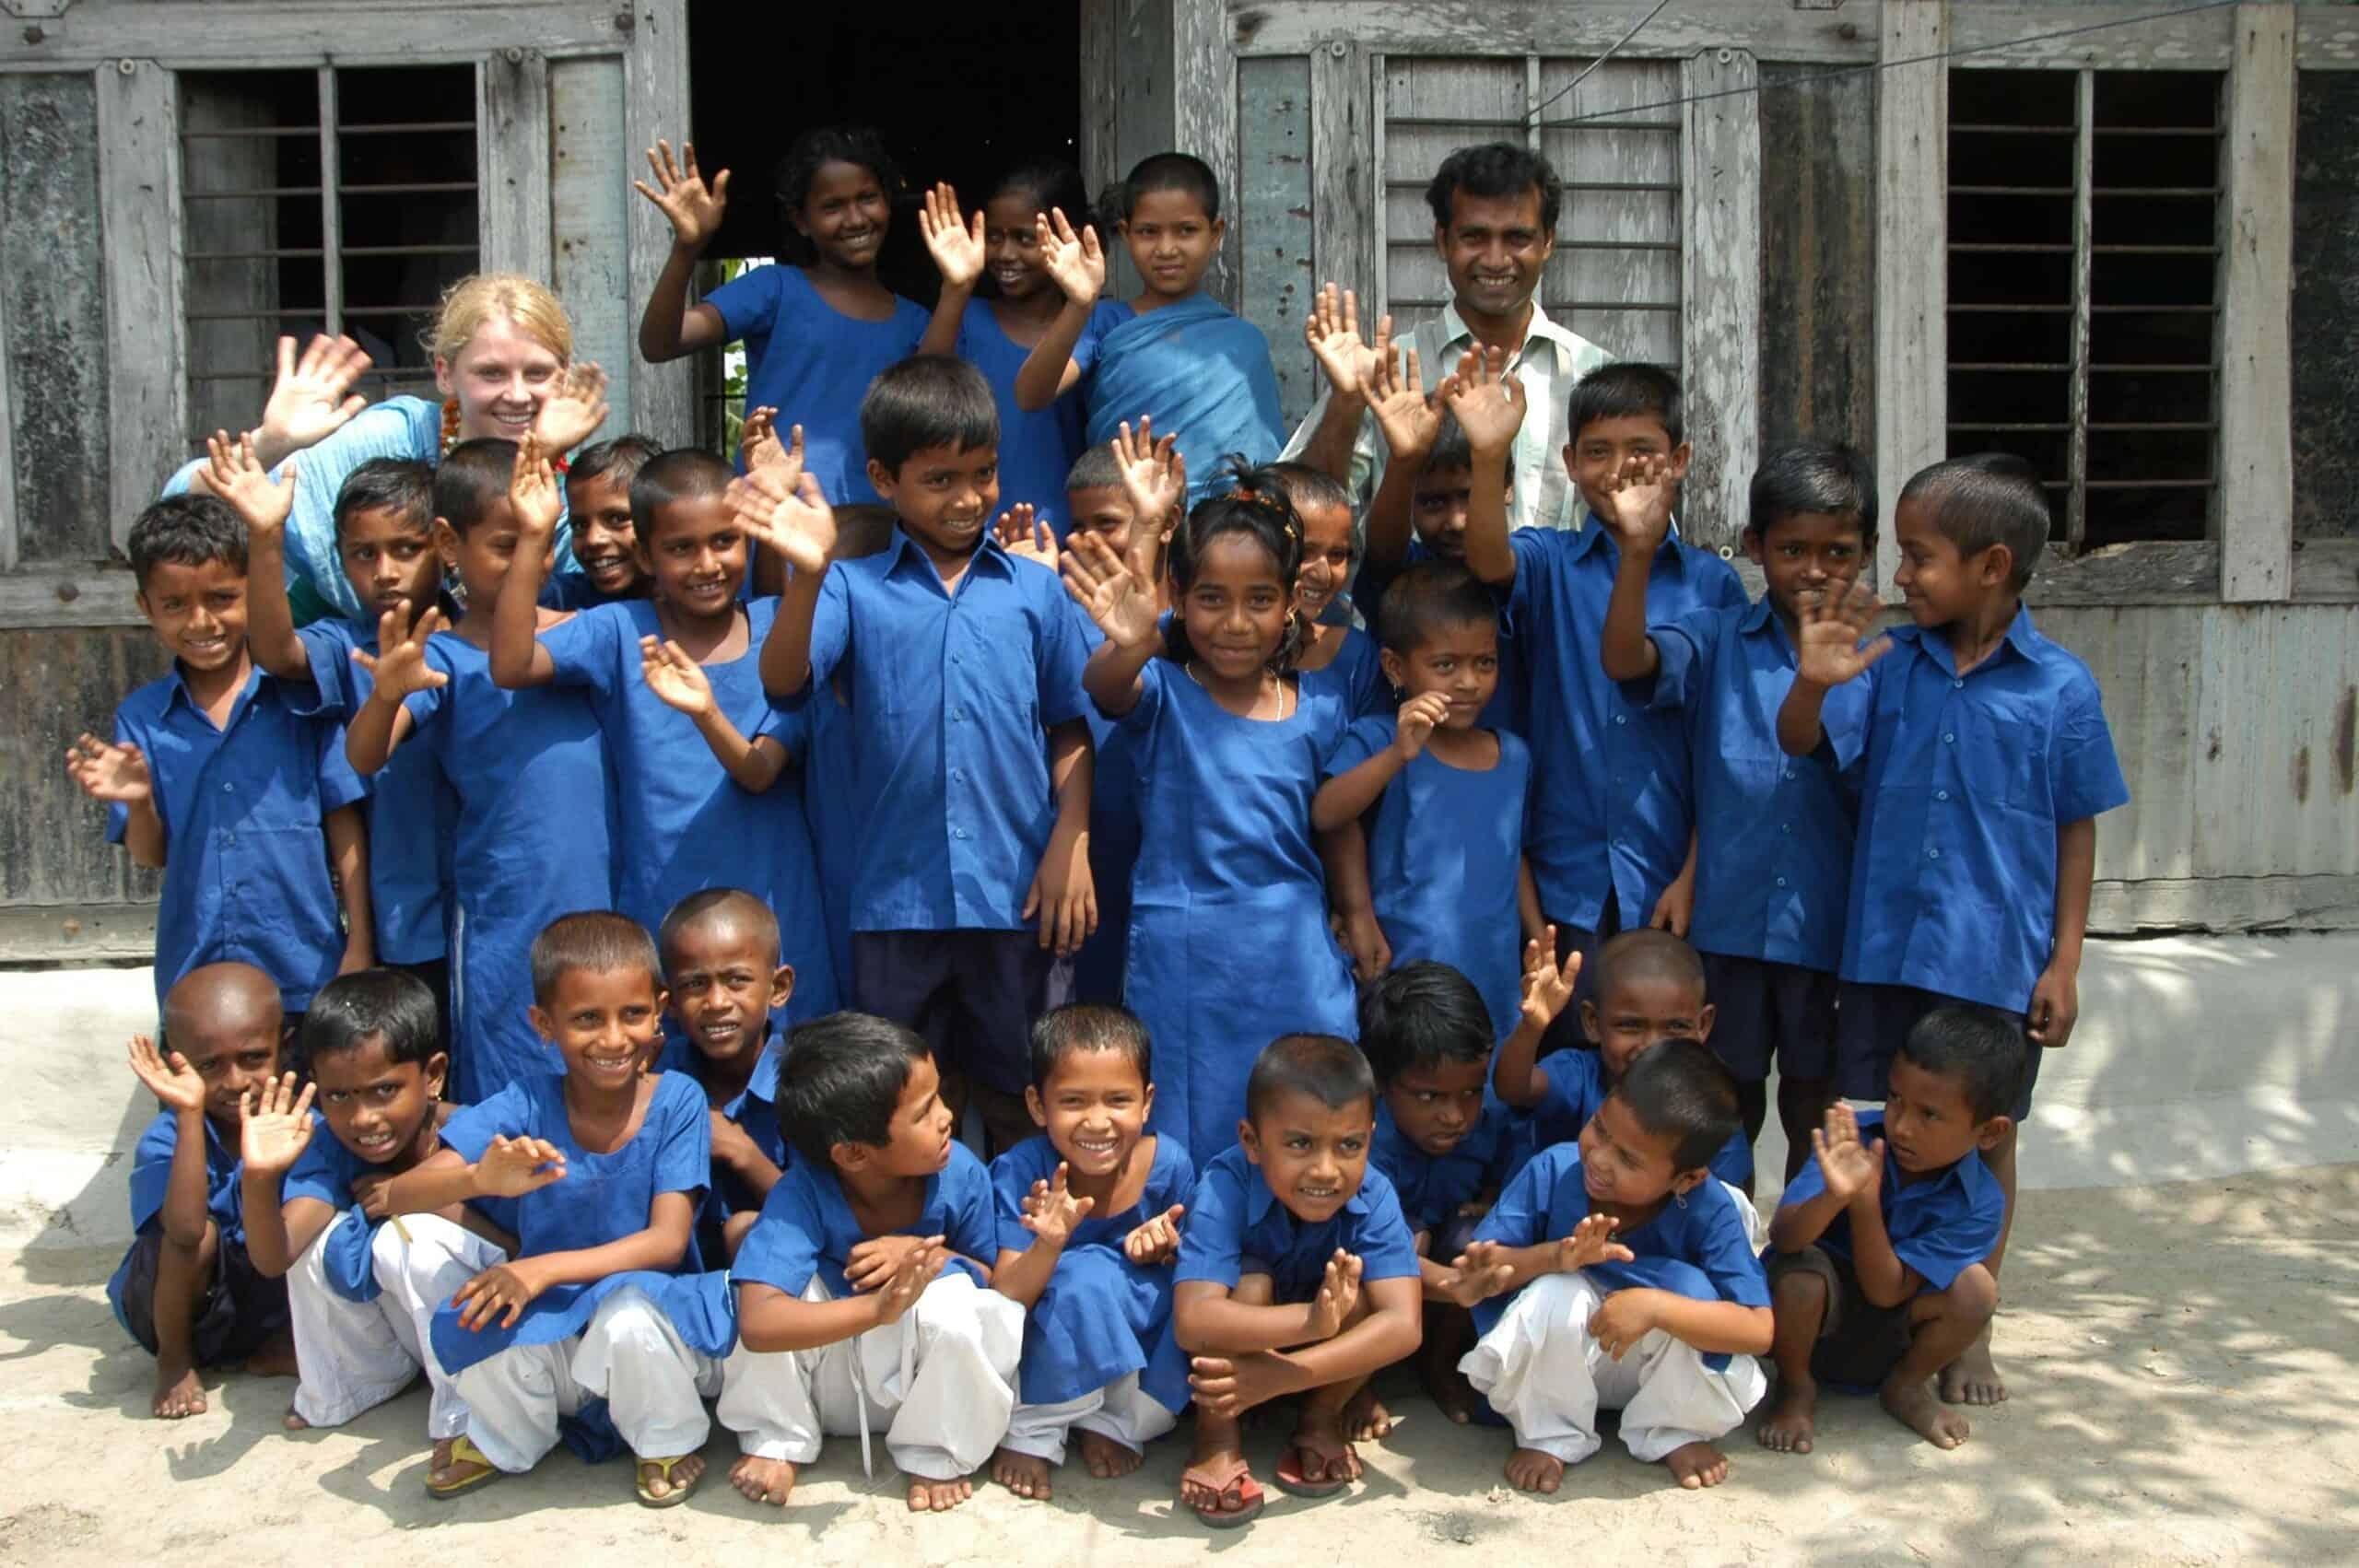 Žáci vesnické školy vAmbari před starou budovou